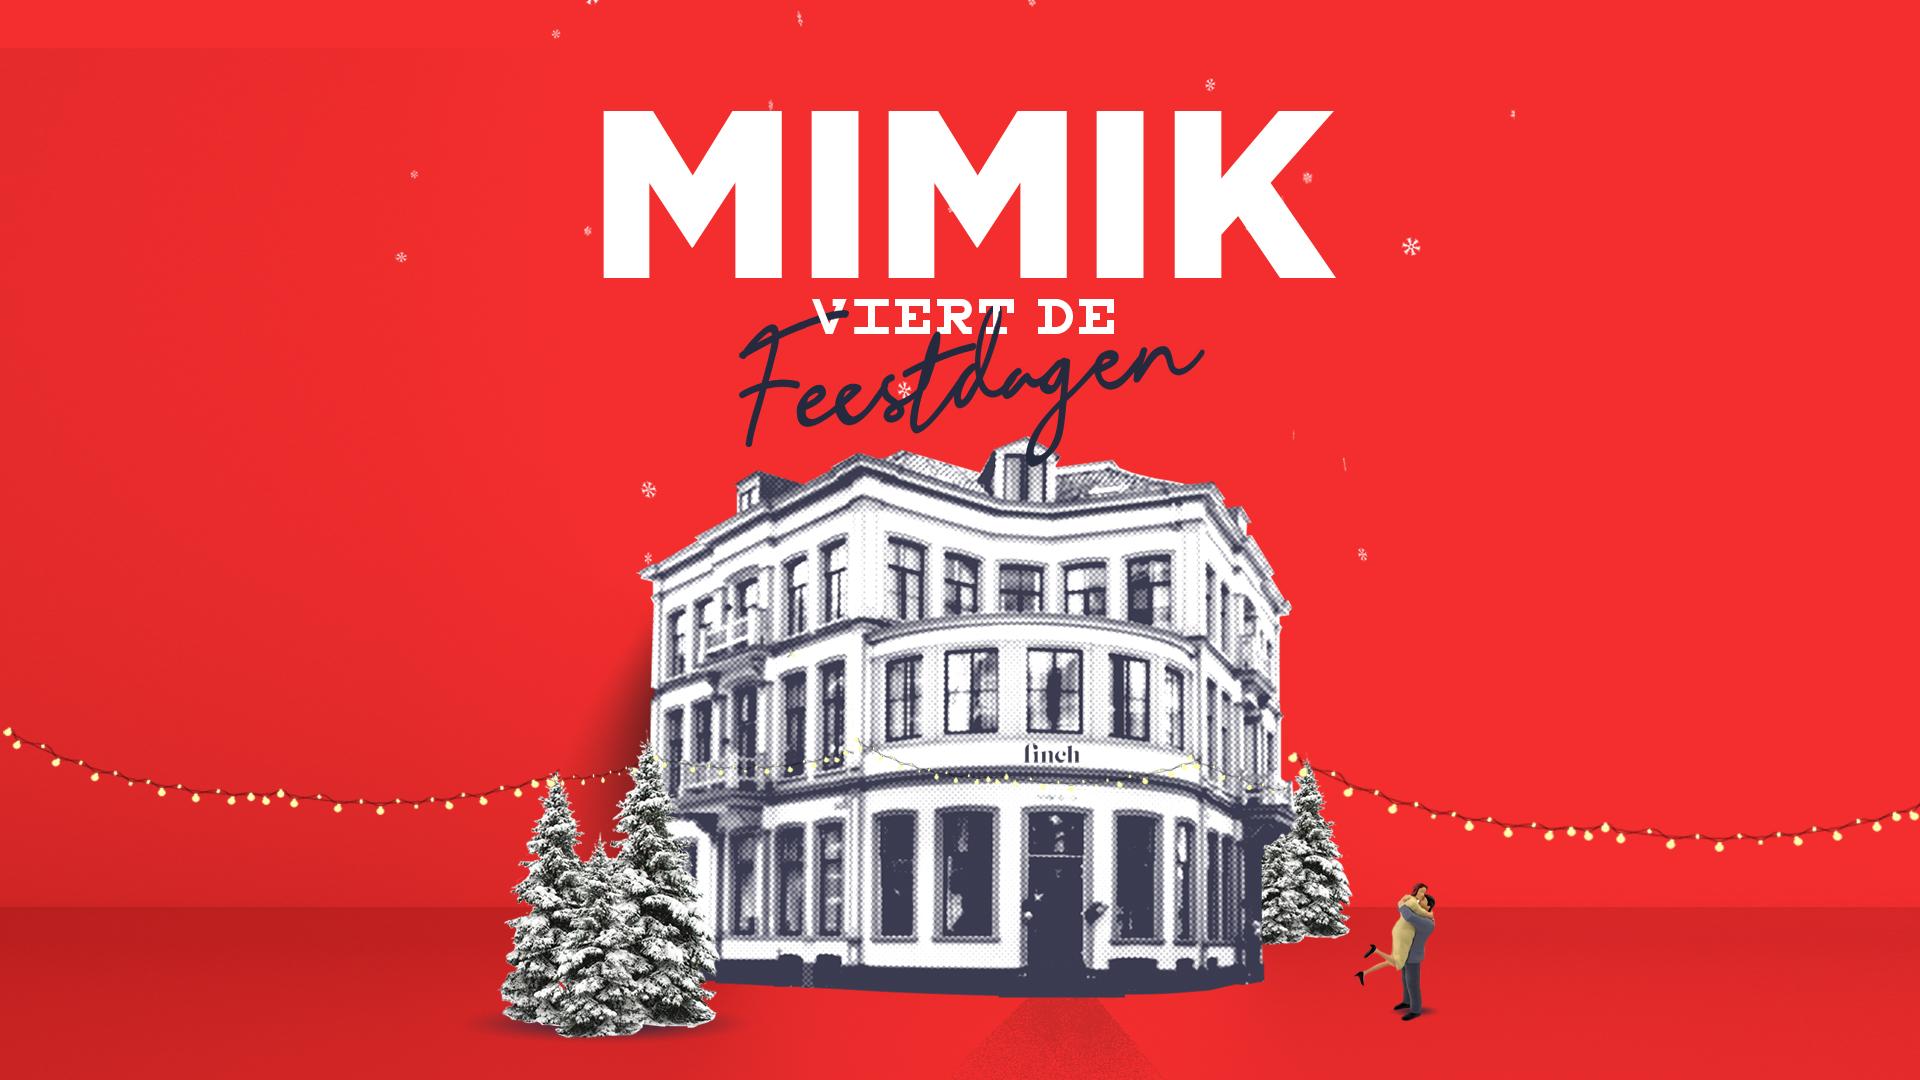 Kerstactie MIMIK